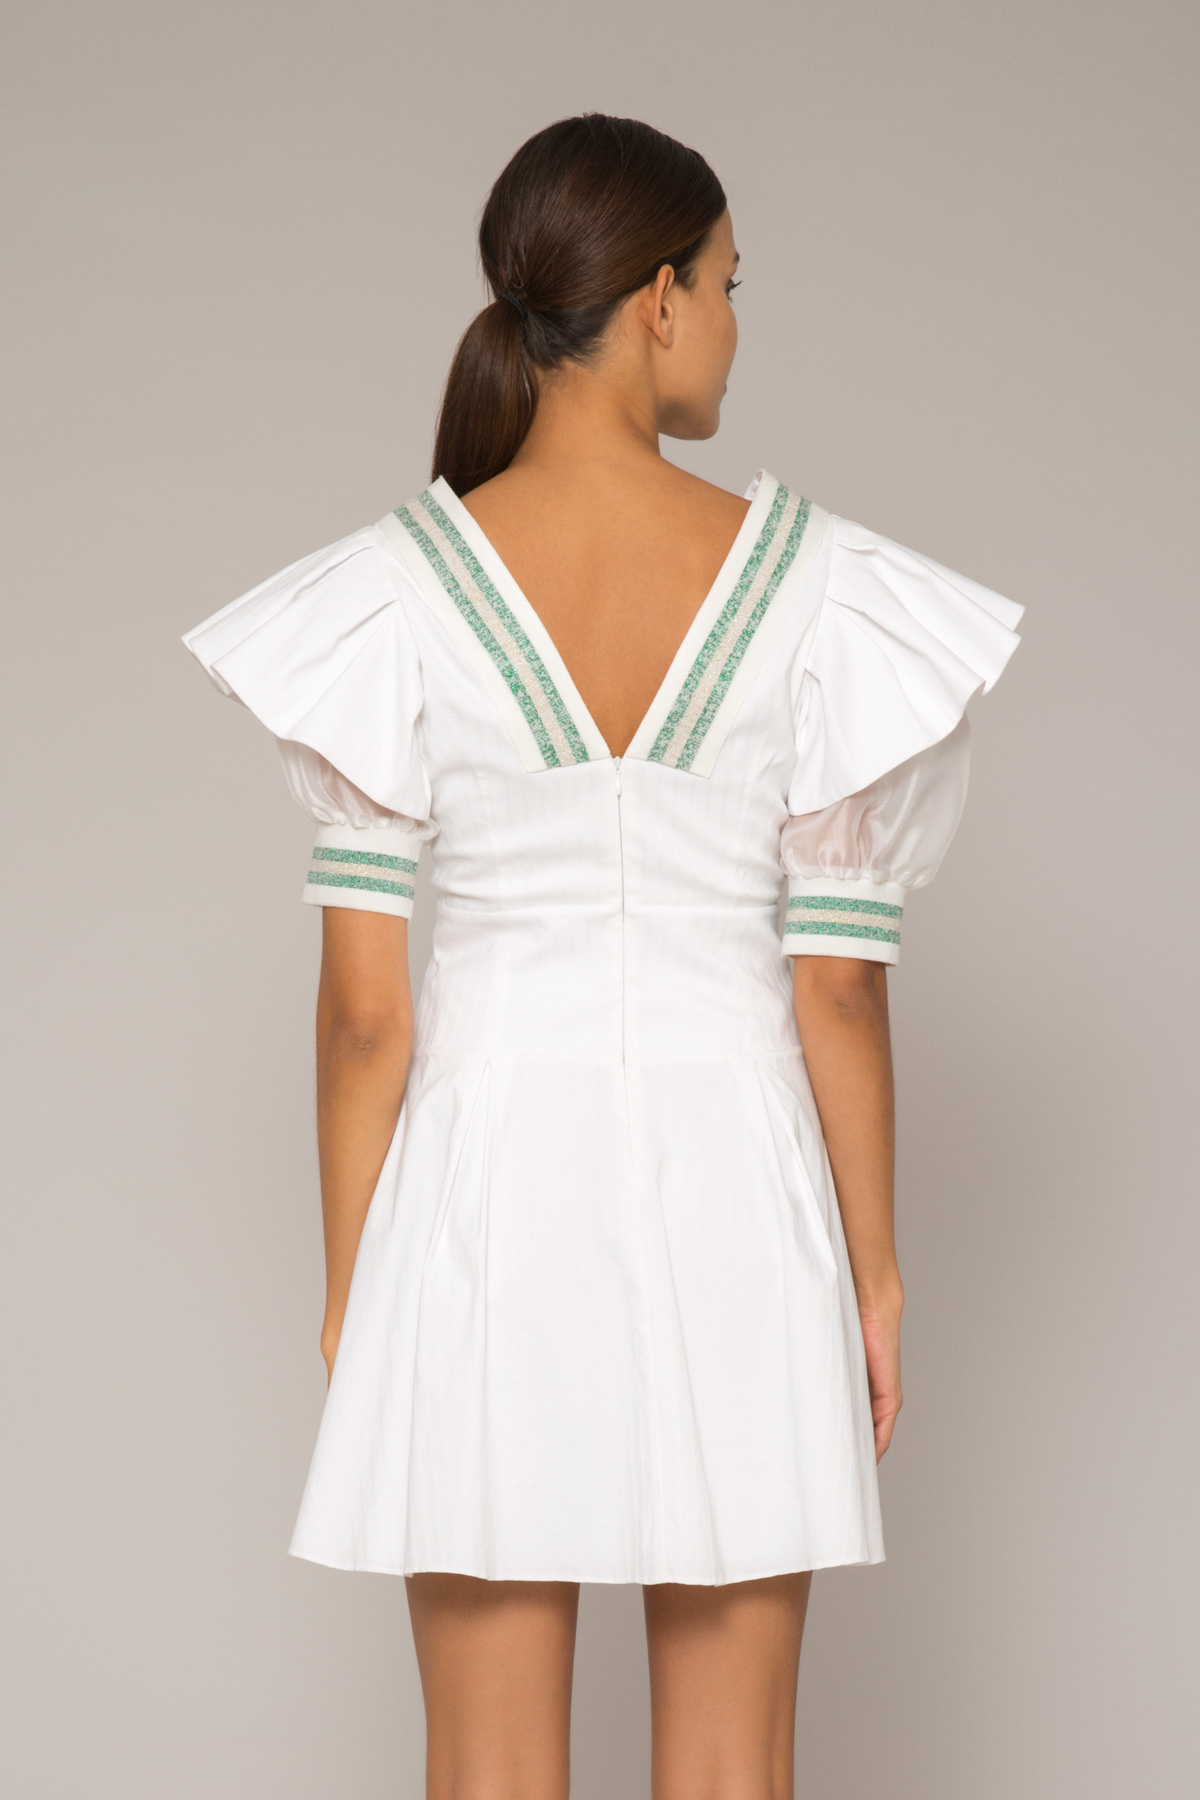 Pileli Kol Detaylı, Organze Kollu Triko Şeritli Poplin Elbise